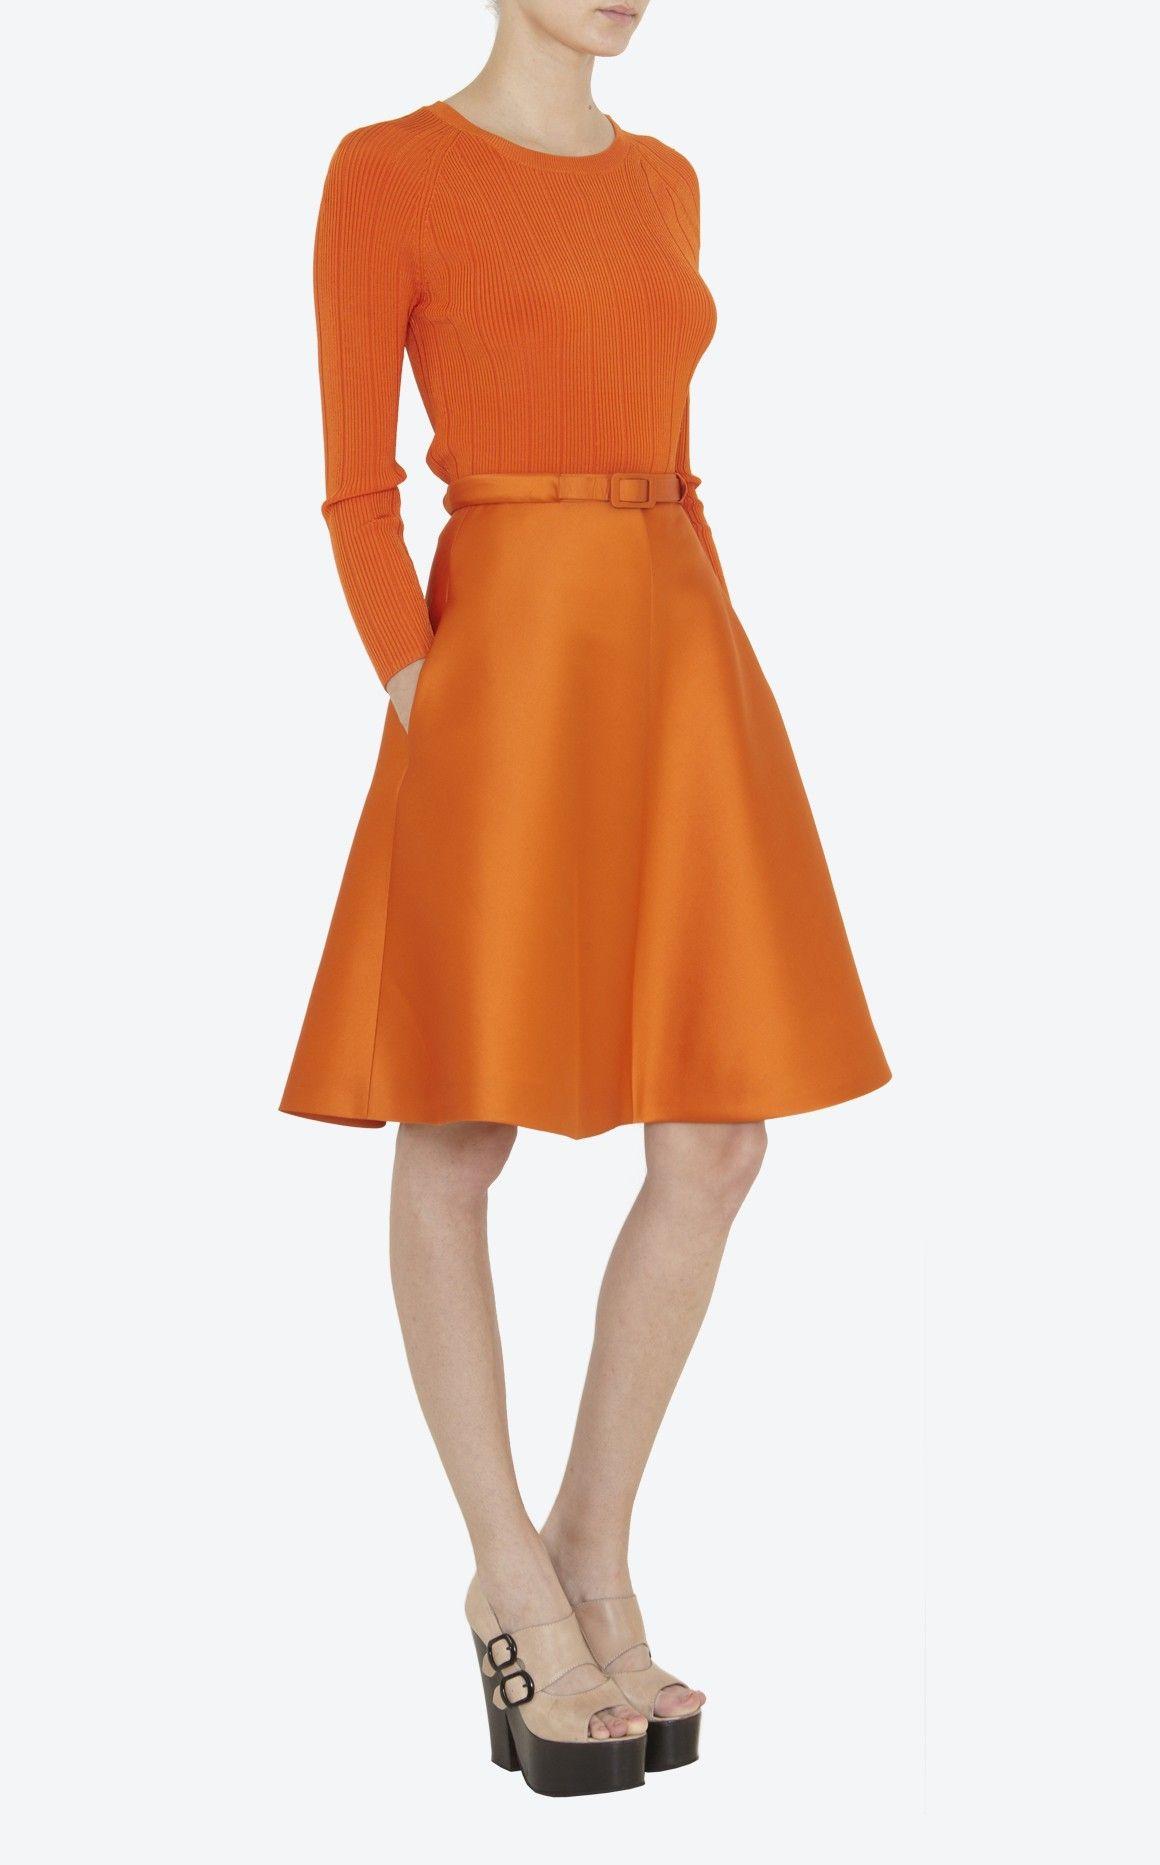 2084d90ab7dd Jupe piqué satiné orange, ceinture fine à la taille, grands godets, zip  milieu